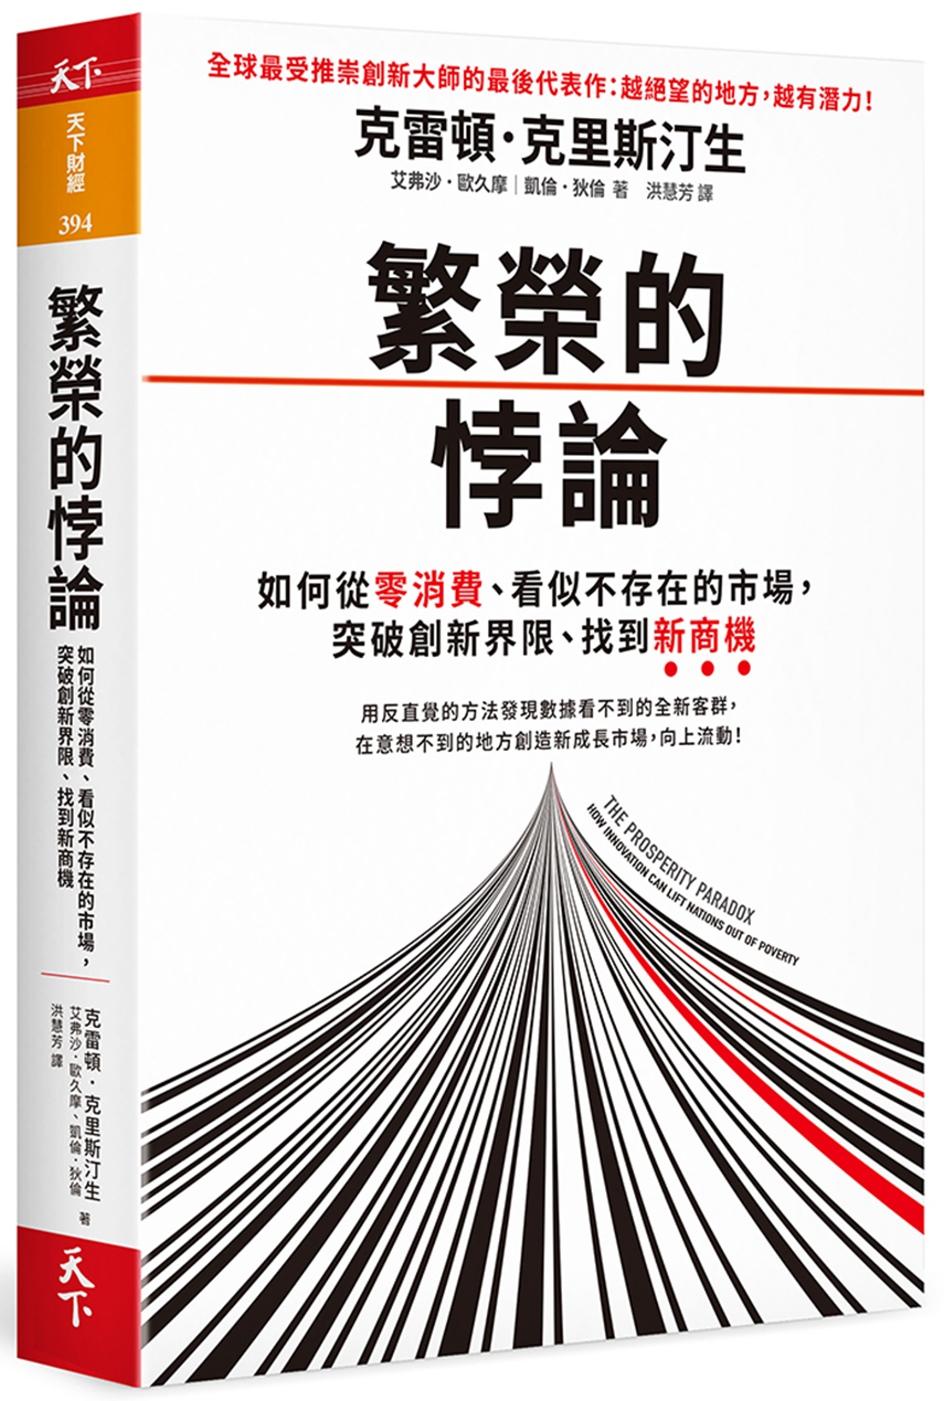 繁榮的悖論:如何從零消費、看似不存在的市場,突破創新界限、找到新商機